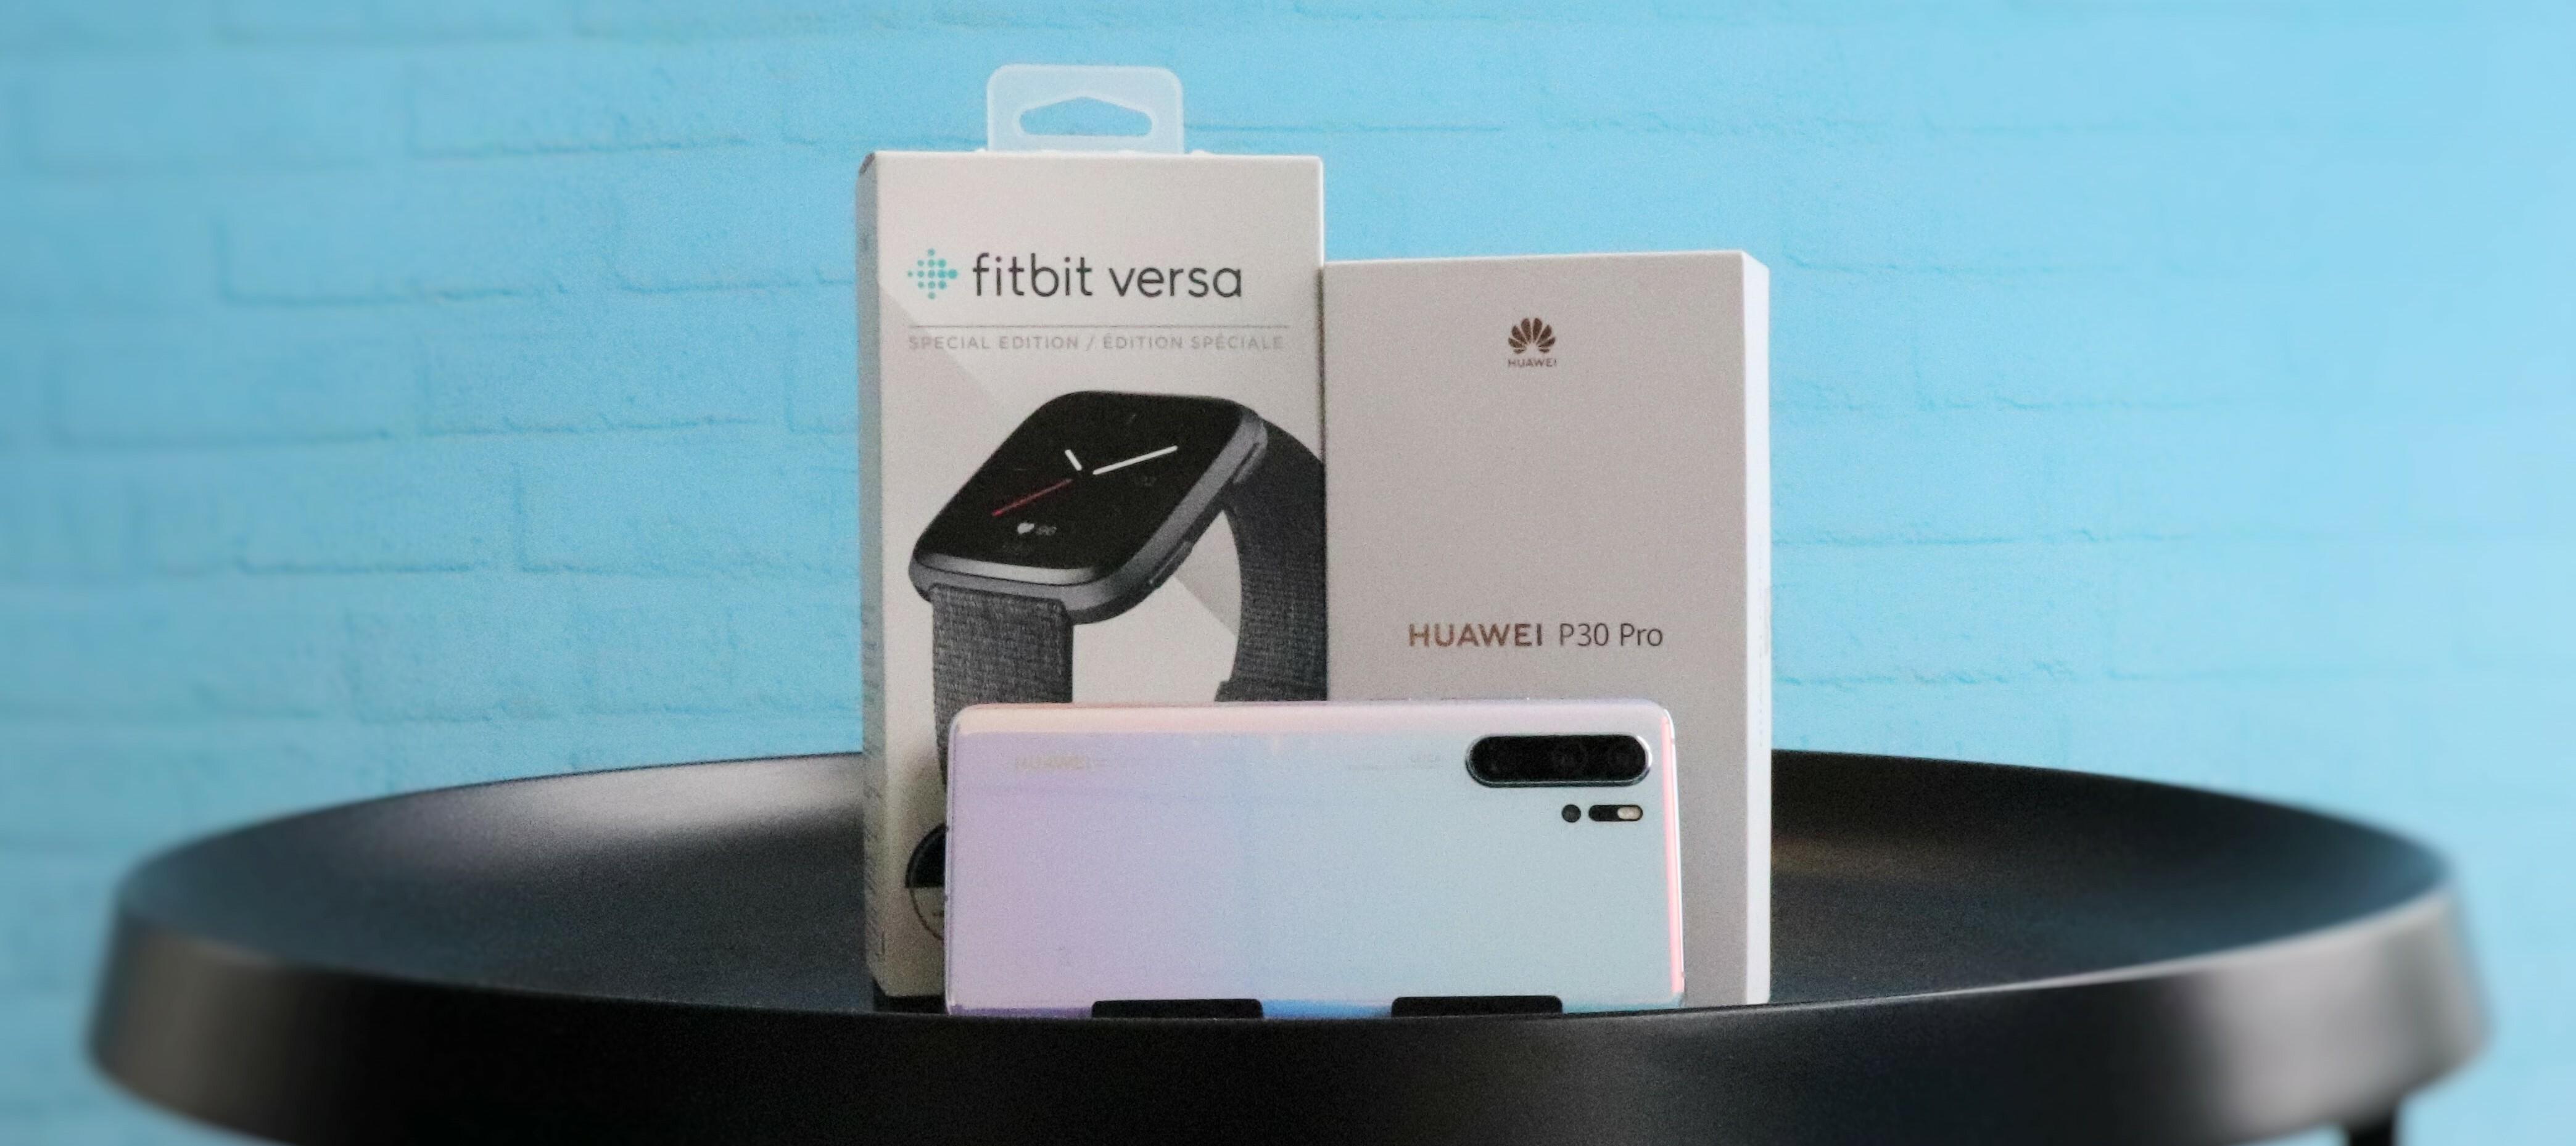 Huawei P30 Pro und Fitbit Versa als Testbundle: Bewirb dich jetzt um deine Neugierde zu stillen!